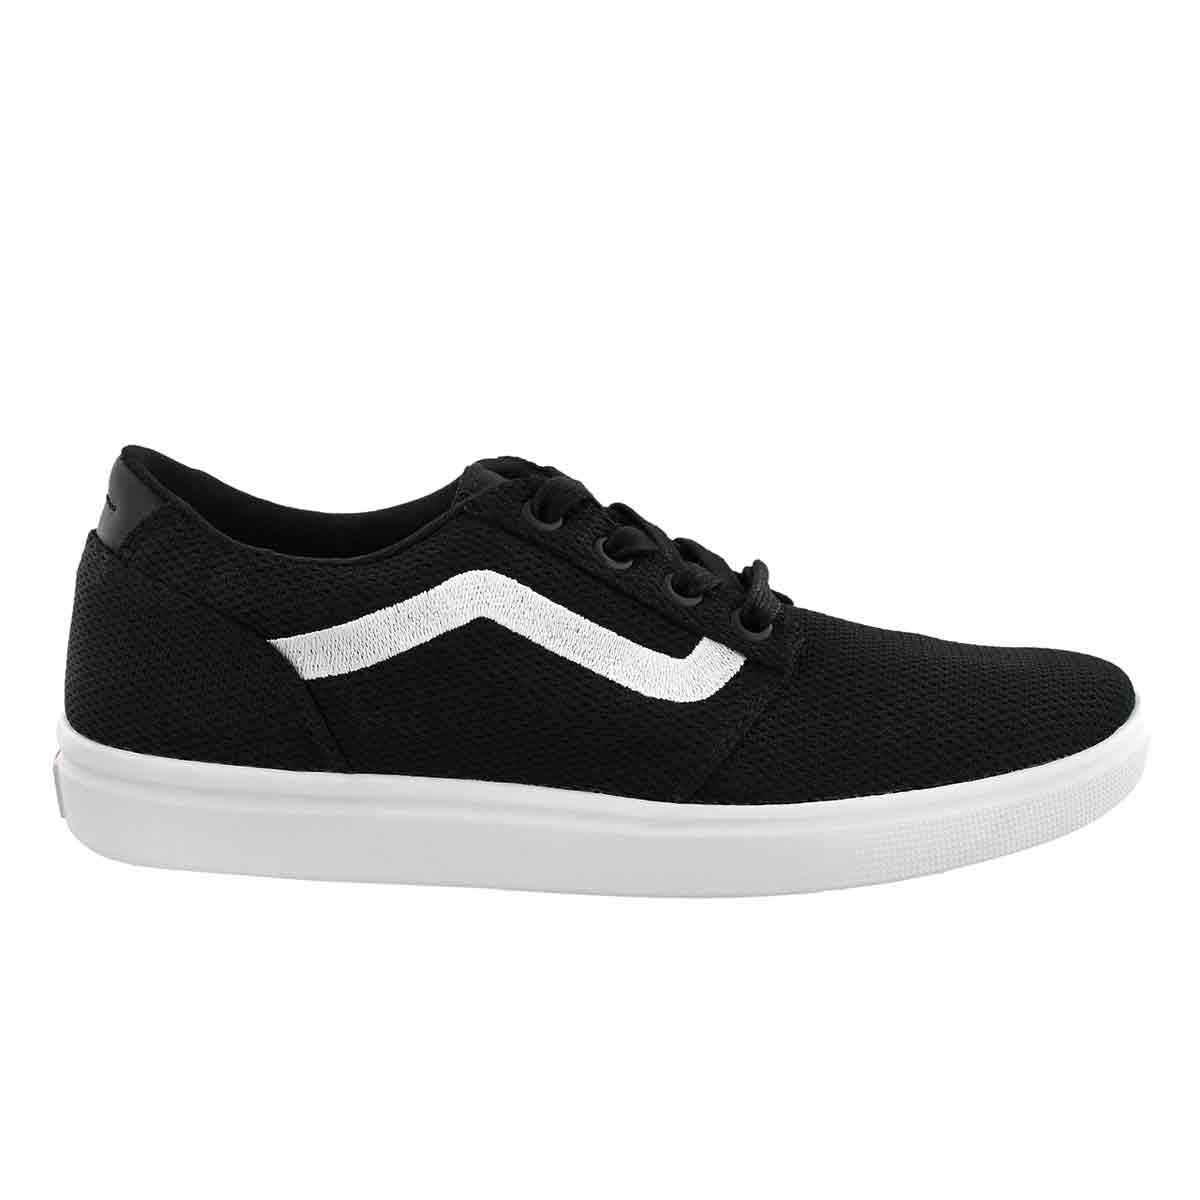 Lds Chapman Lite blk/wht lace up sneaker